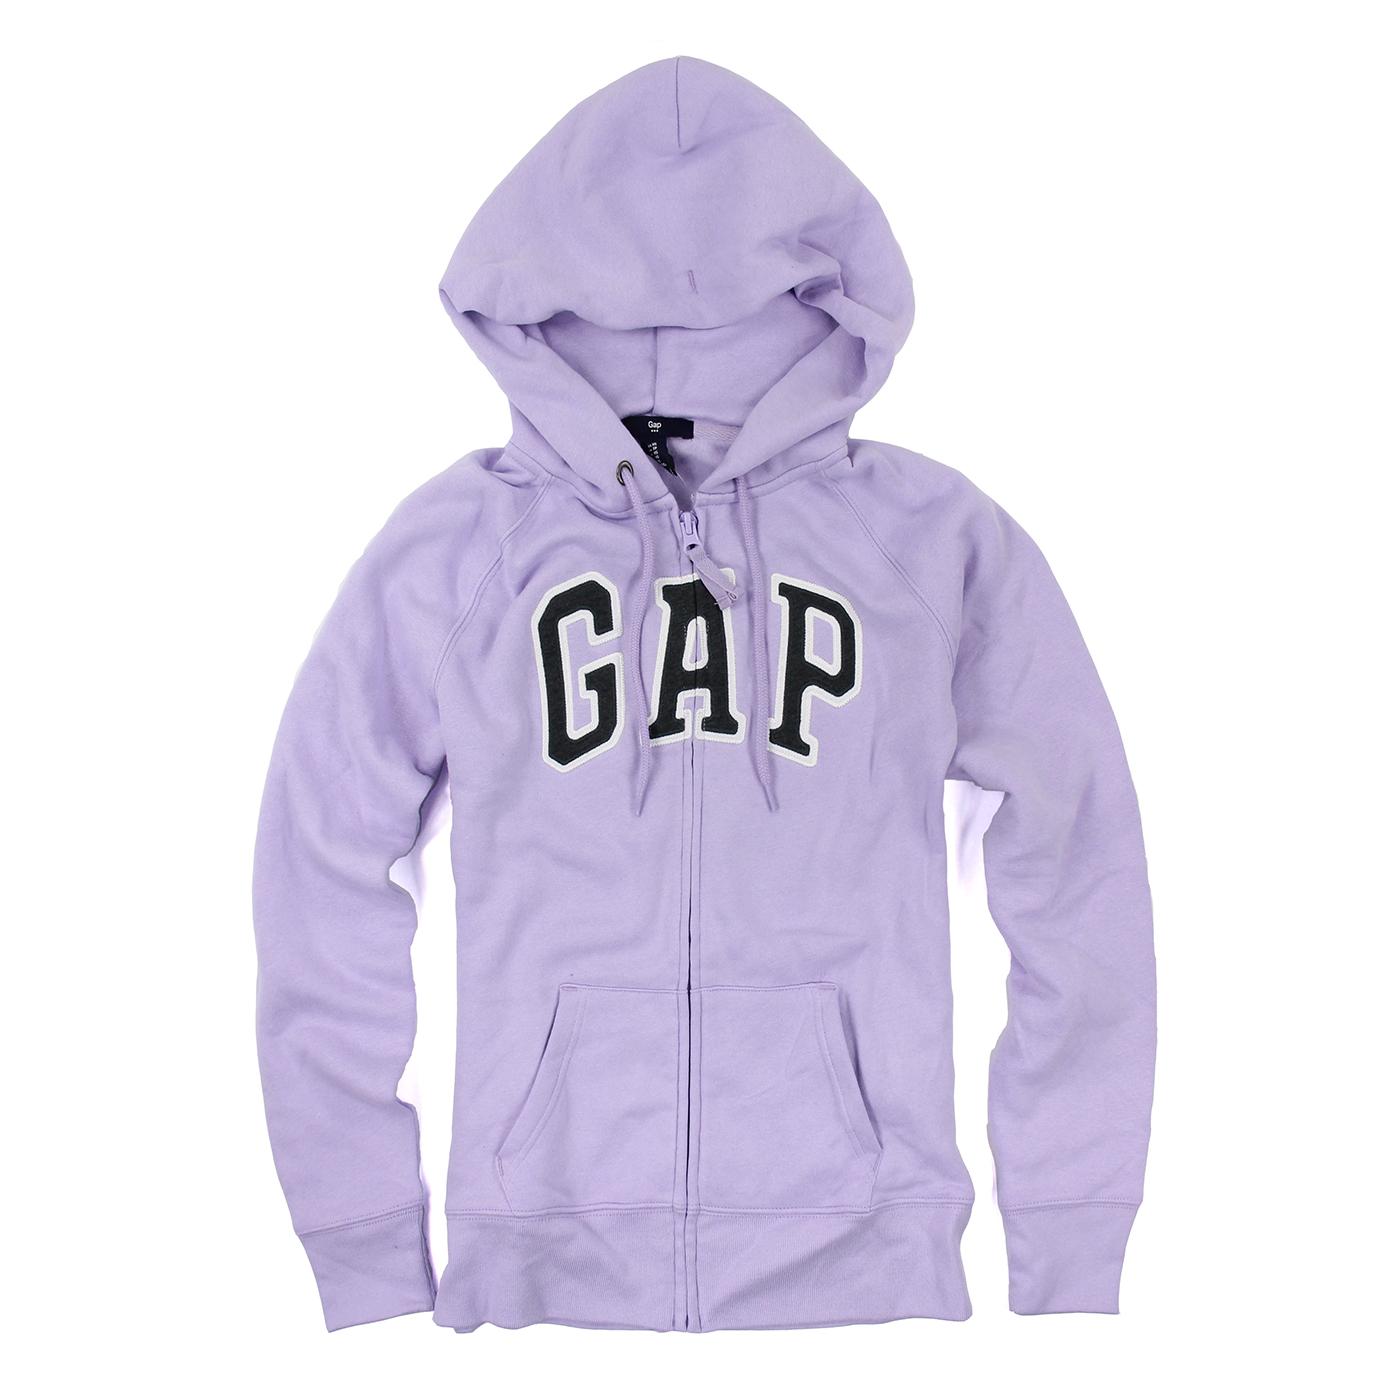 美國百分百【全新真品】GAP 外套 上衣 長袖 連帽 LOGO 貼布 現貨 女 XS號 粉紫色 E926